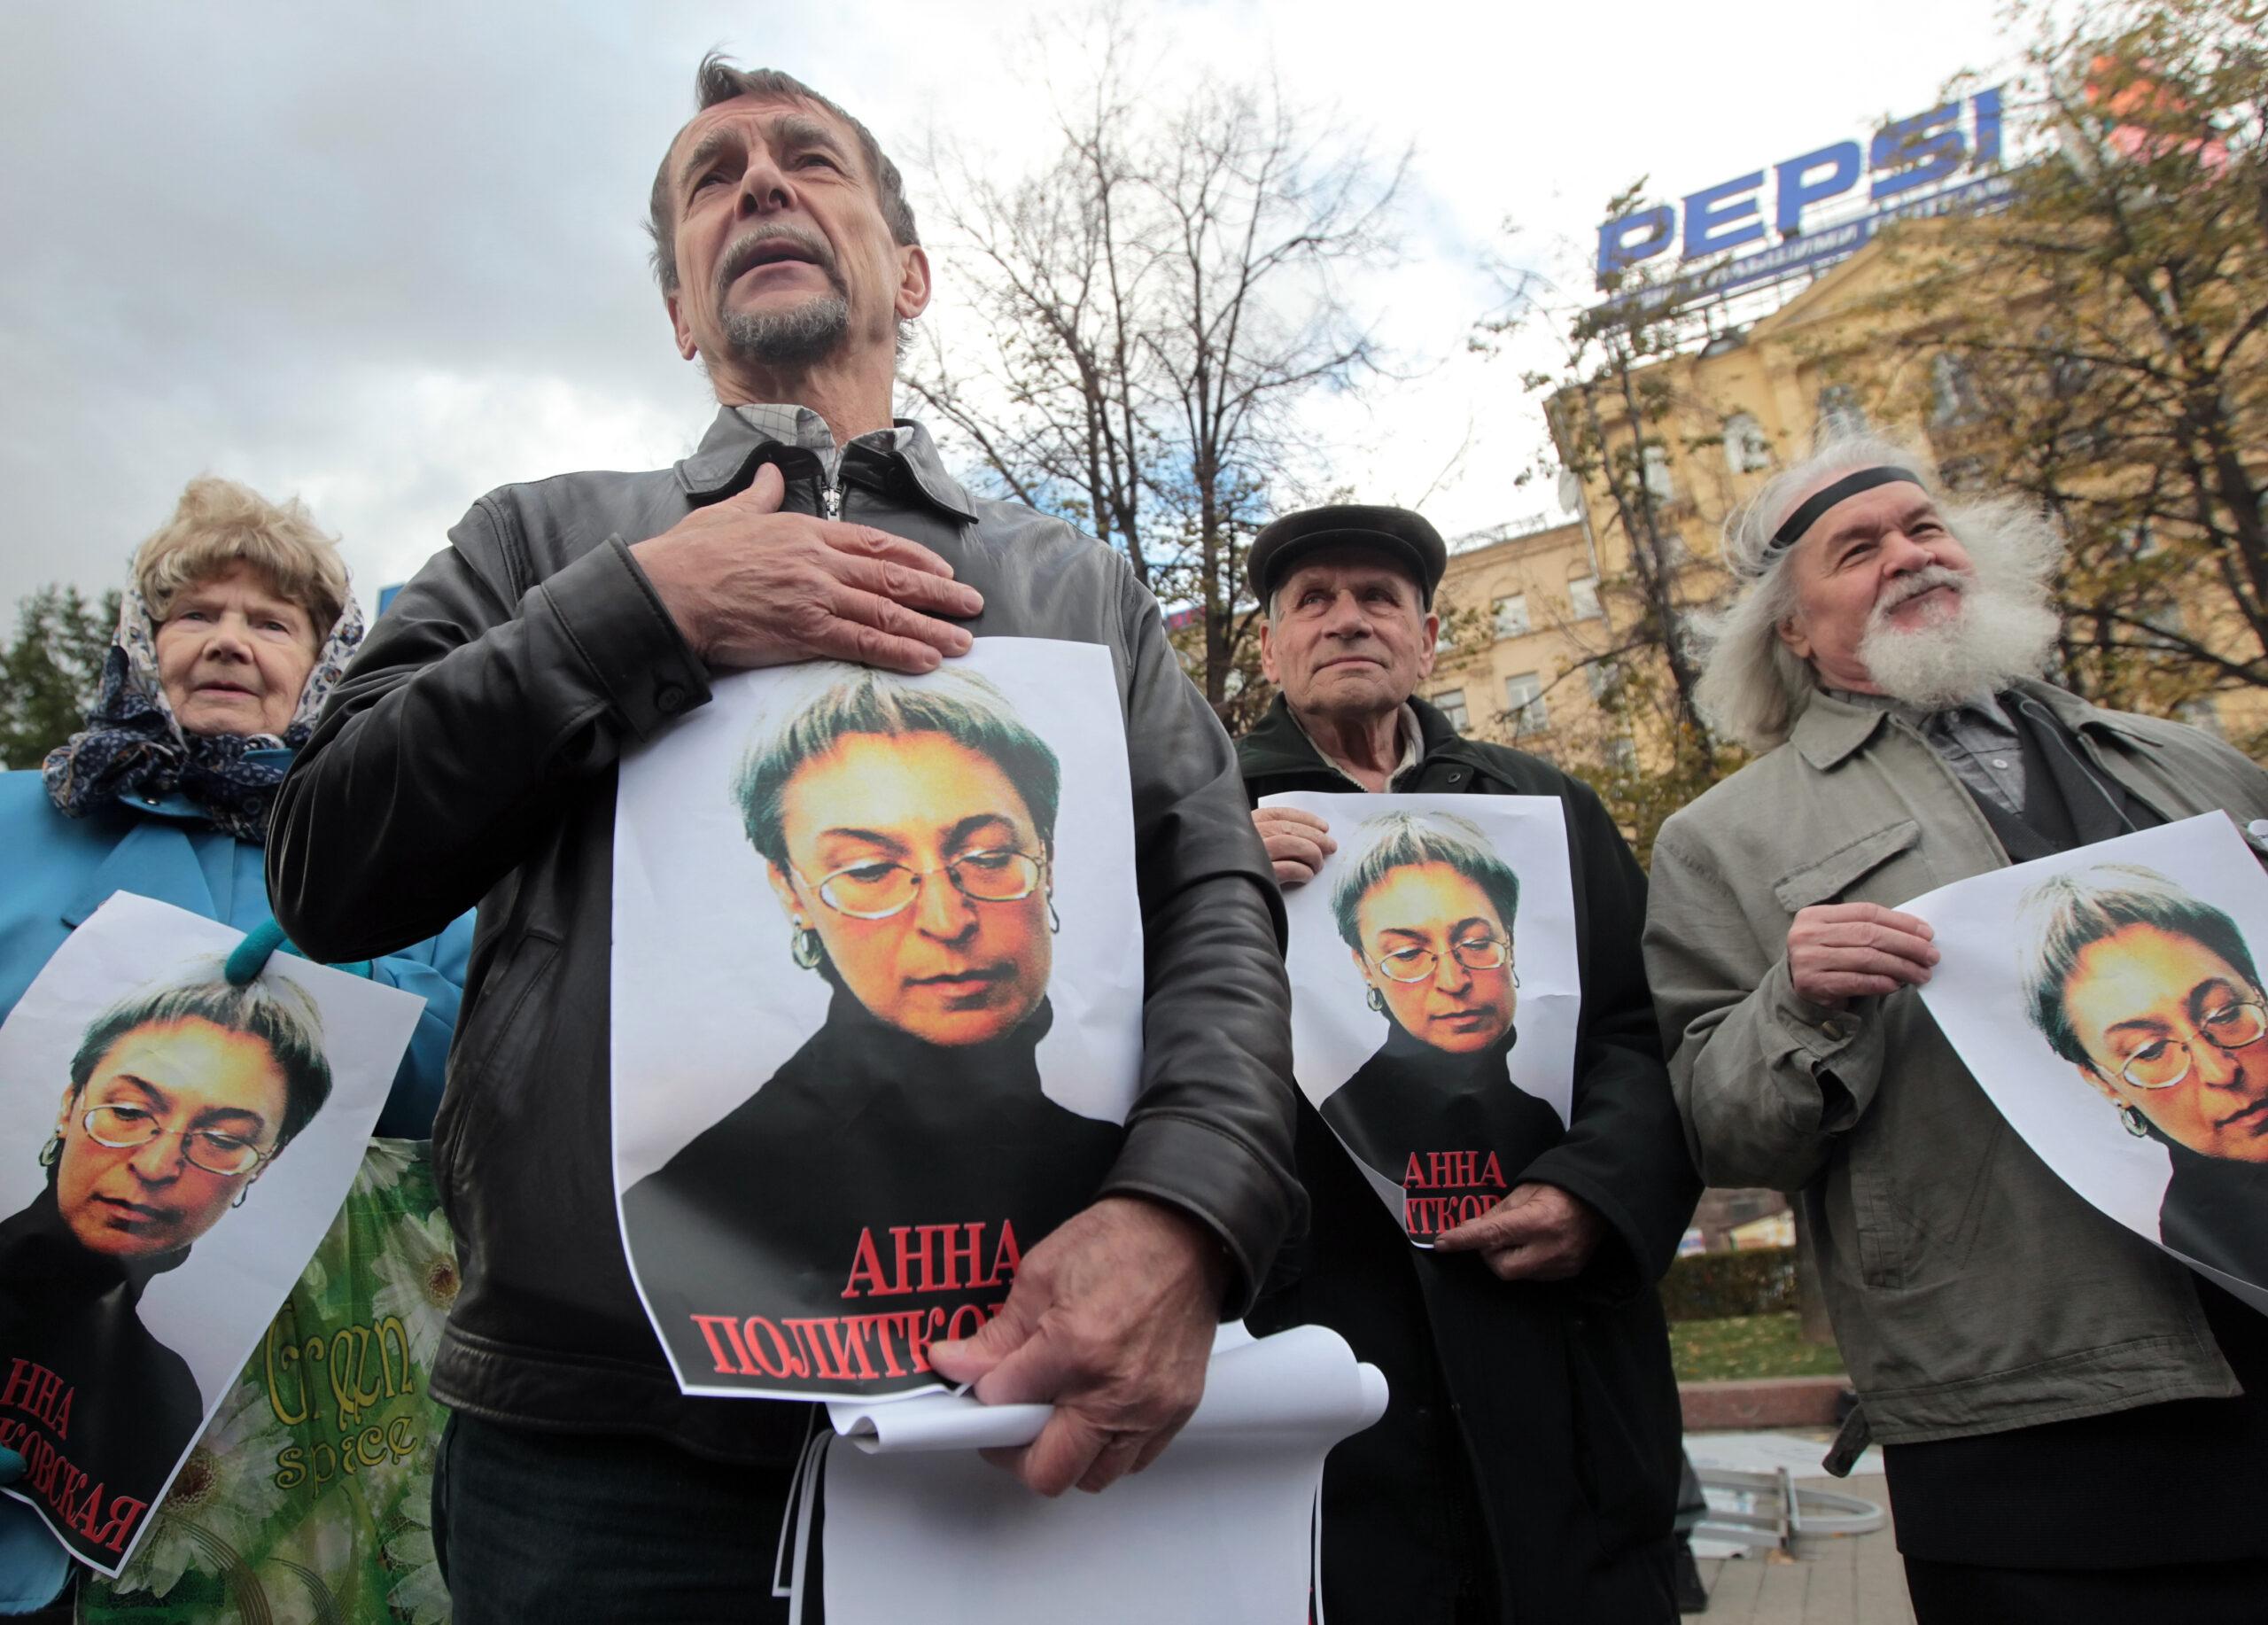 Žmonės su nužudytos žurnalistės portretais rankose.